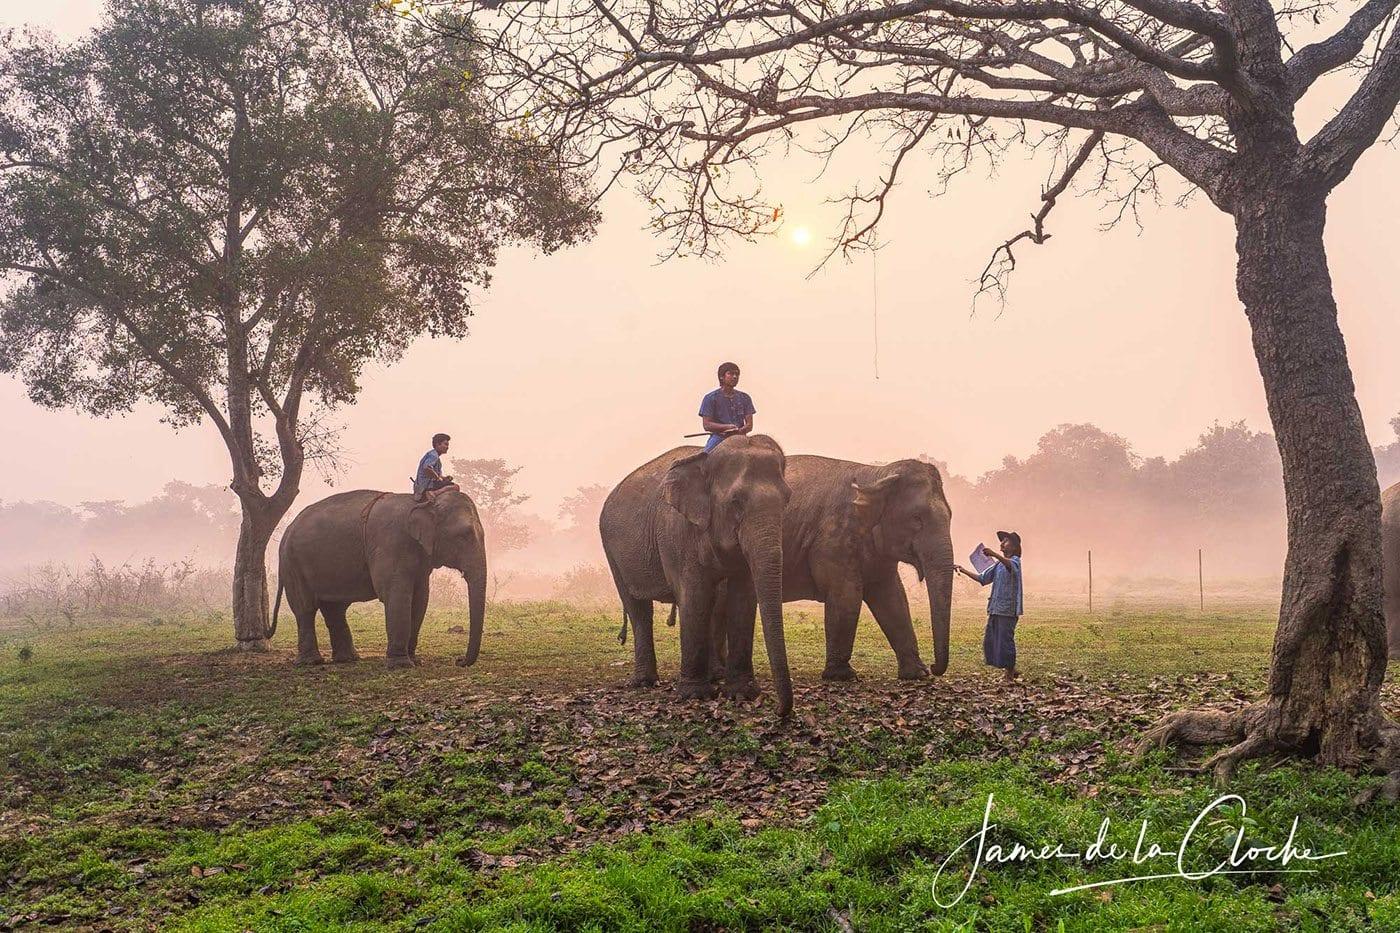 Elephants In The Mist Chiang Rai